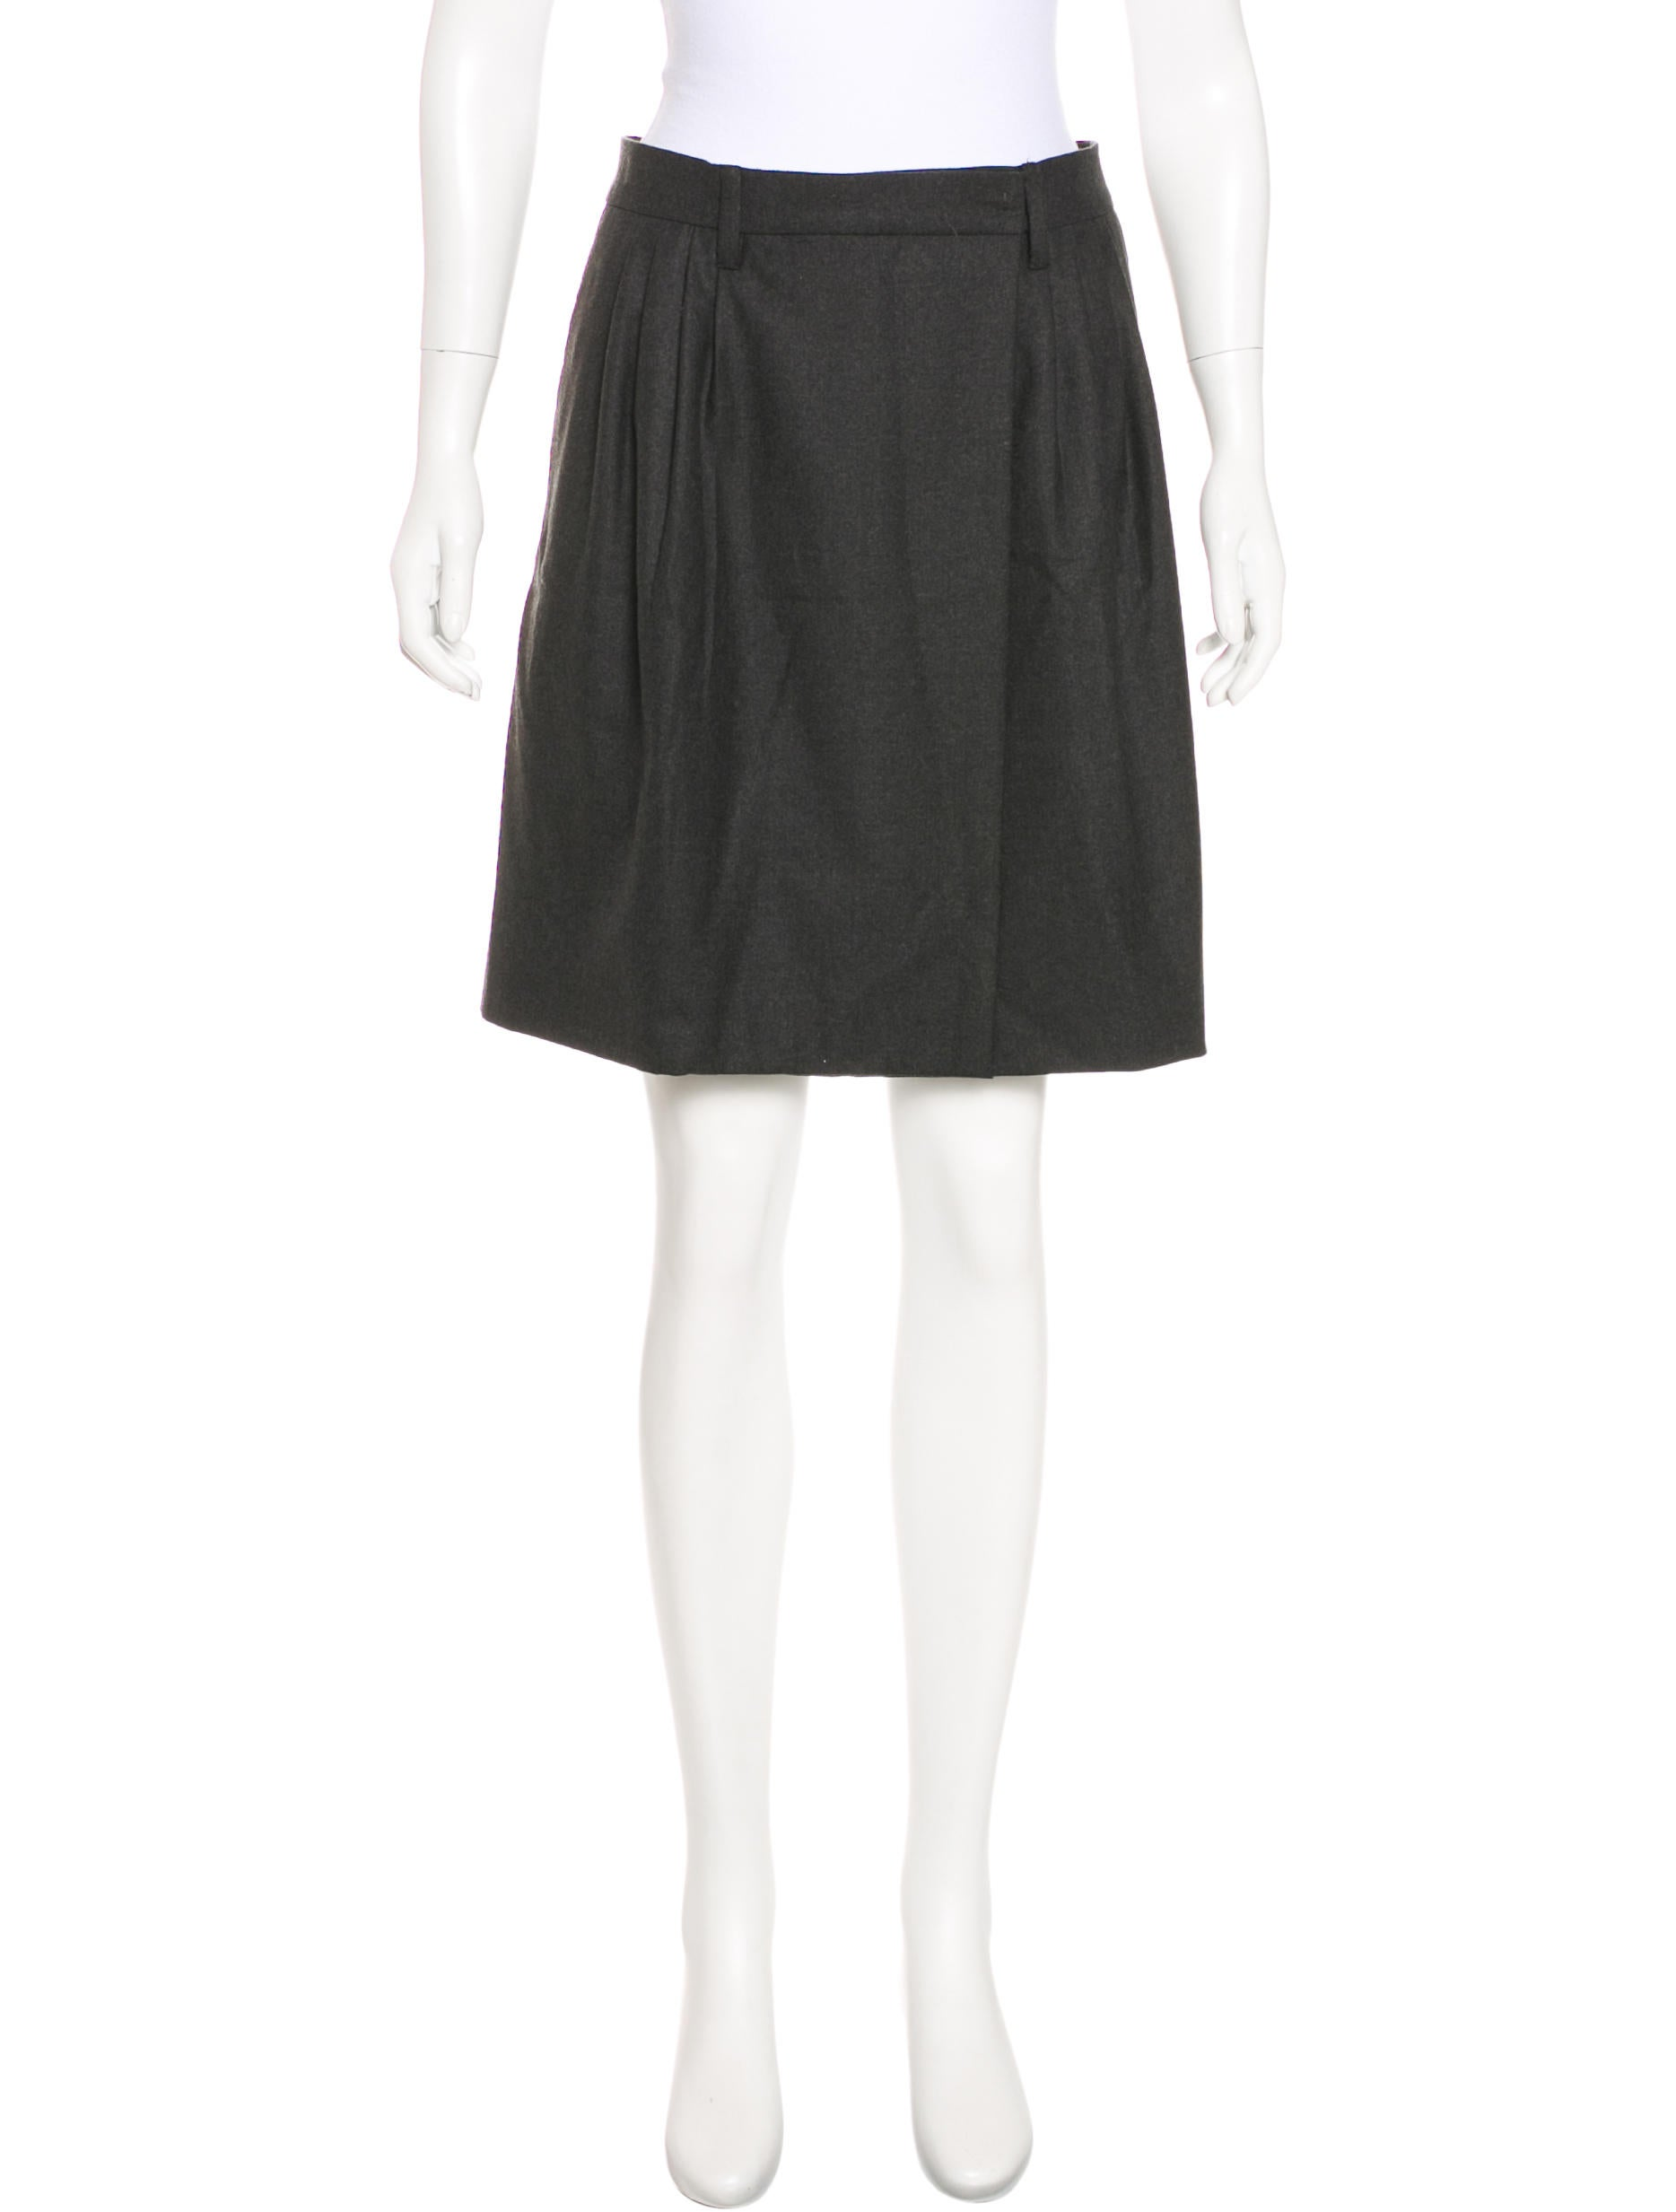 ee5f0e42a1b Miu Miu Wool Mini Skirt - Clothing - MIU56309